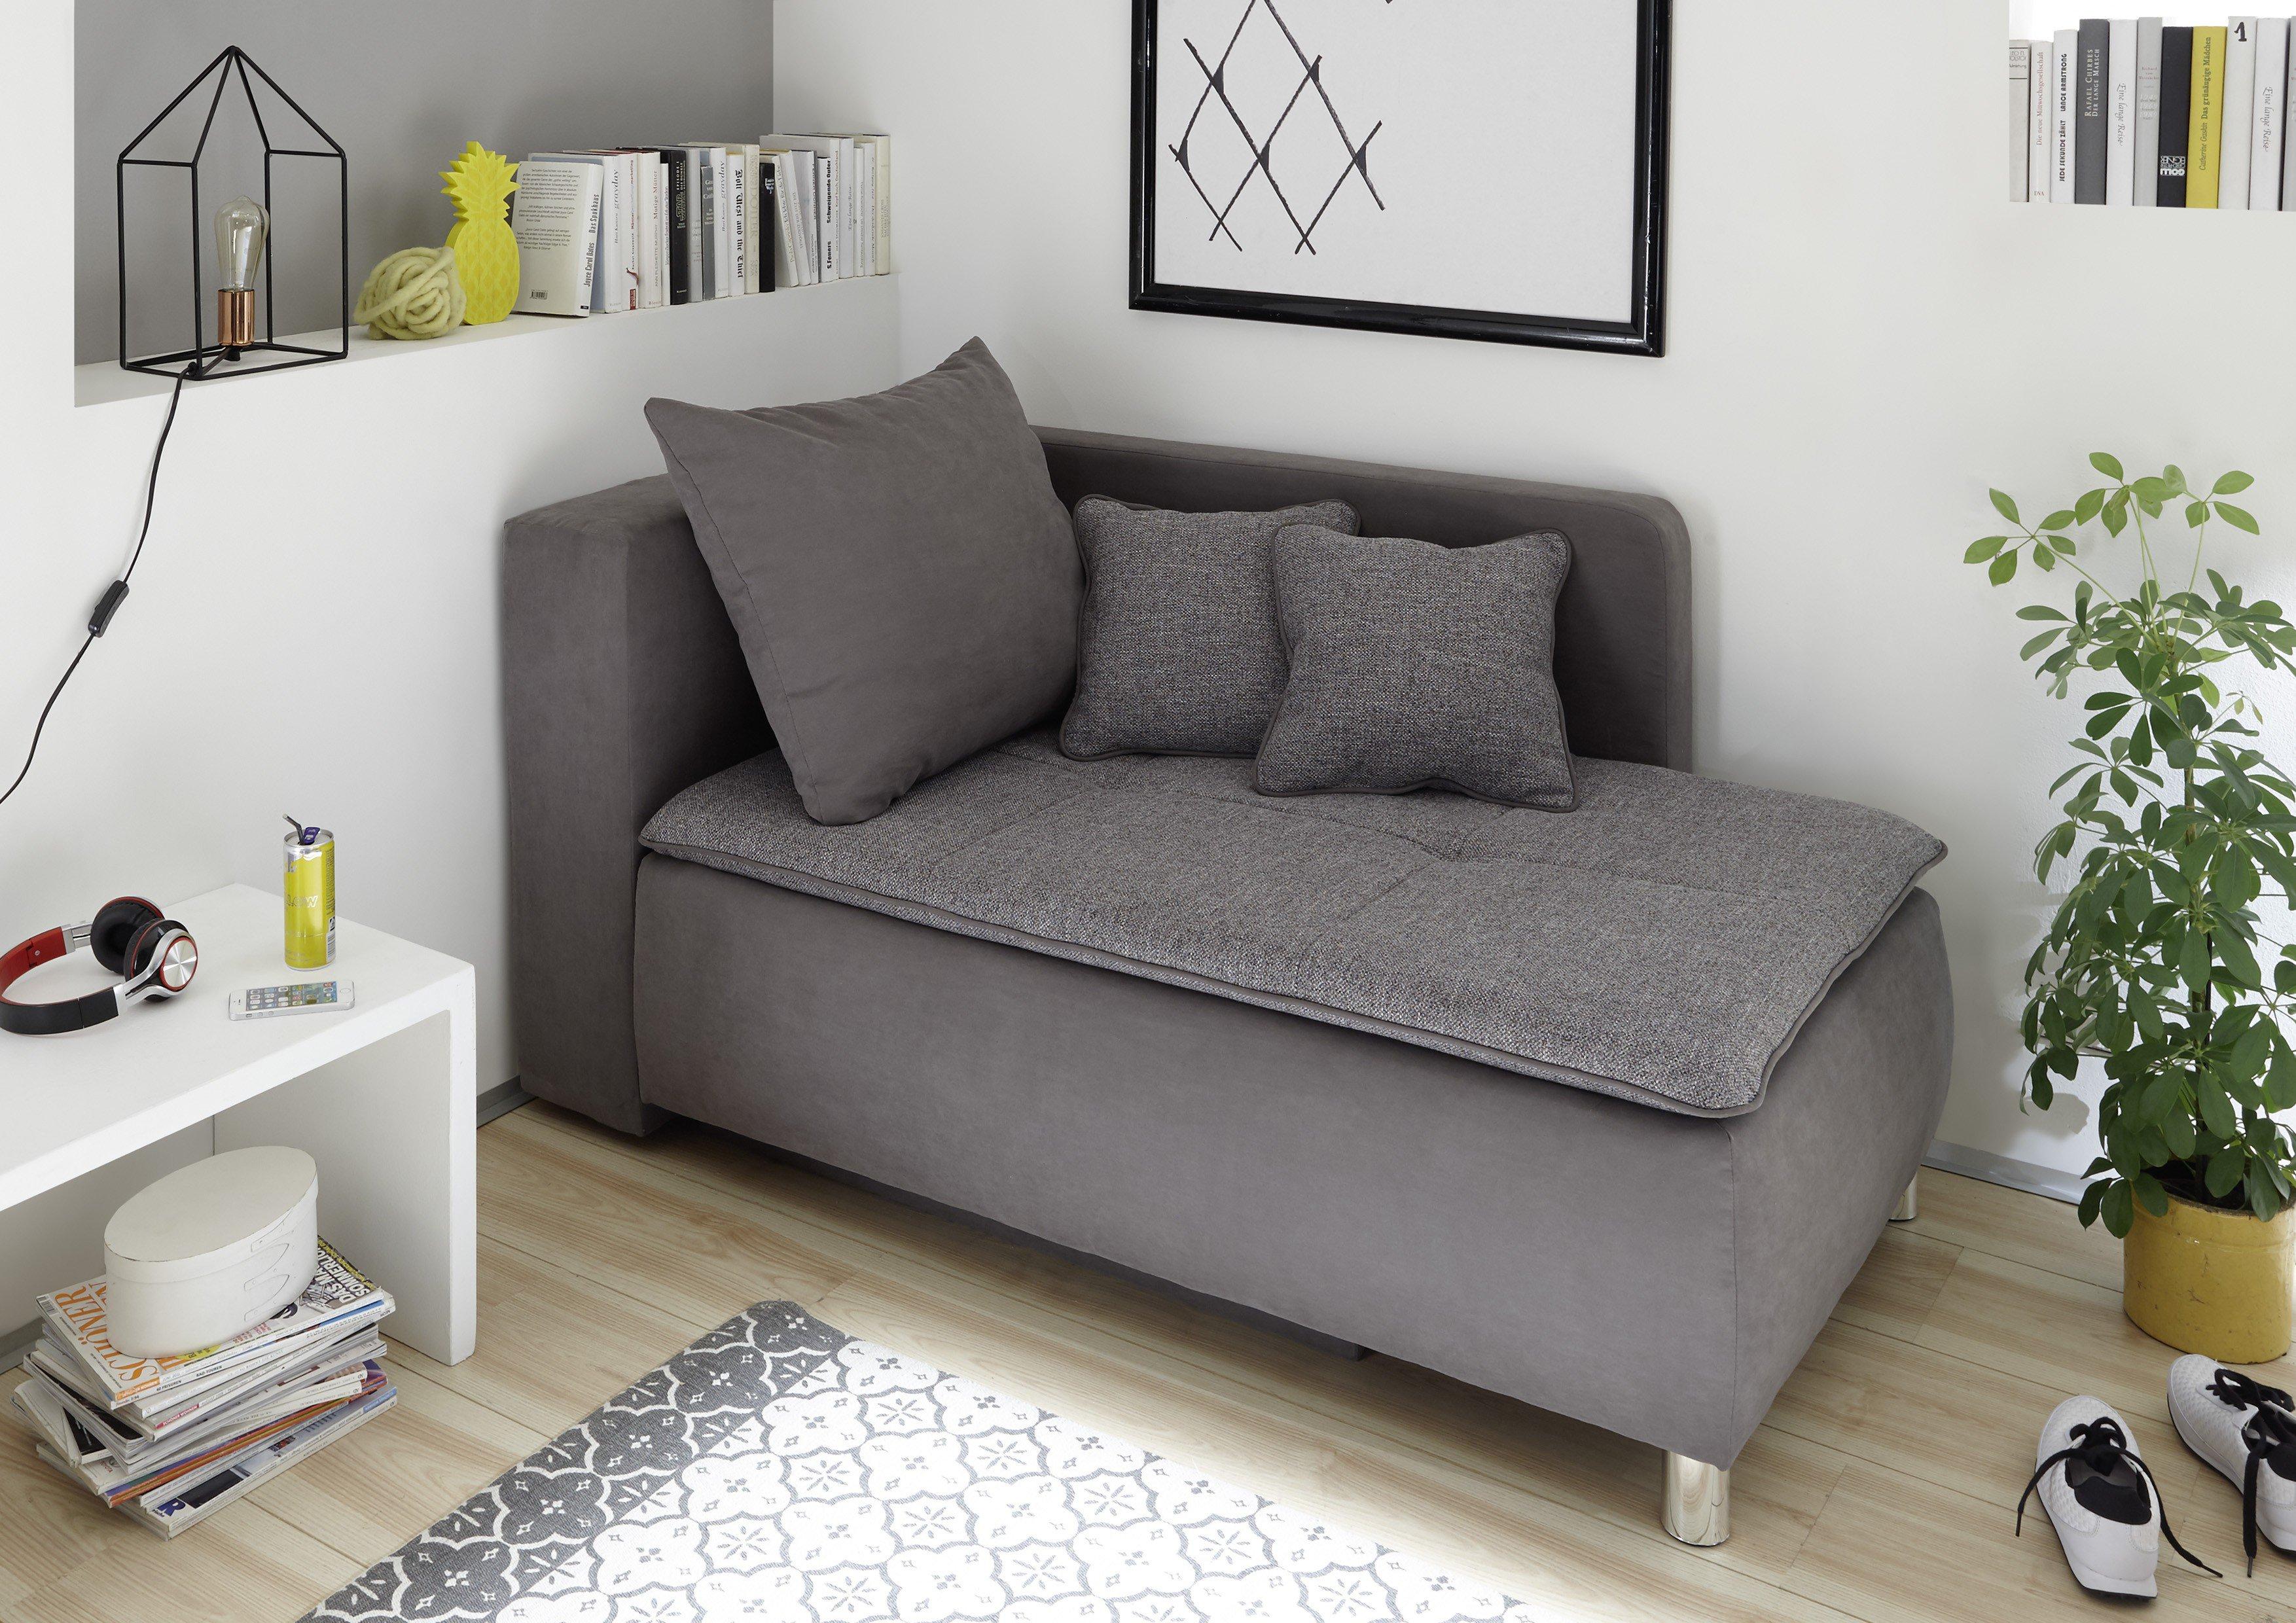 black red white einzelliege marilyn grau mit bettkasten m bel letz ihr online shop. Black Bedroom Furniture Sets. Home Design Ideas